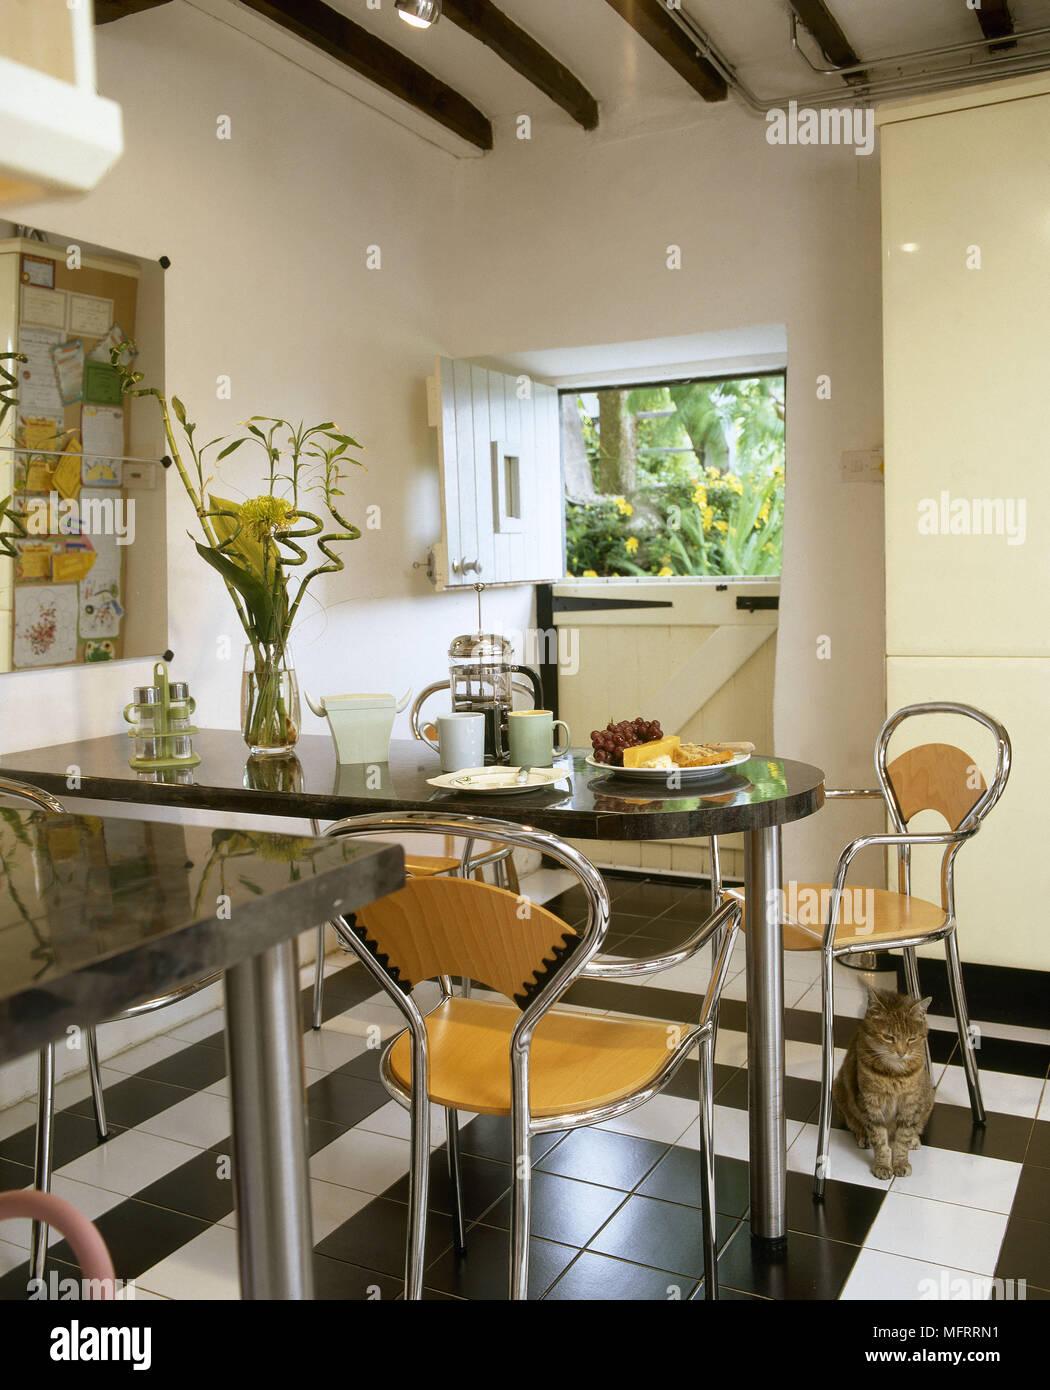 Black Granite Table Stockfotos & Black Granite Table Bilder - Alamy